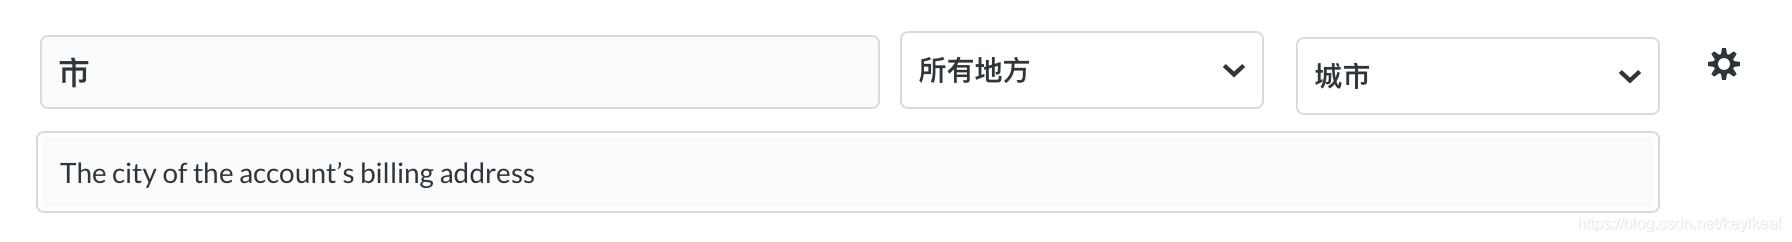 配置字段的displayName为中文